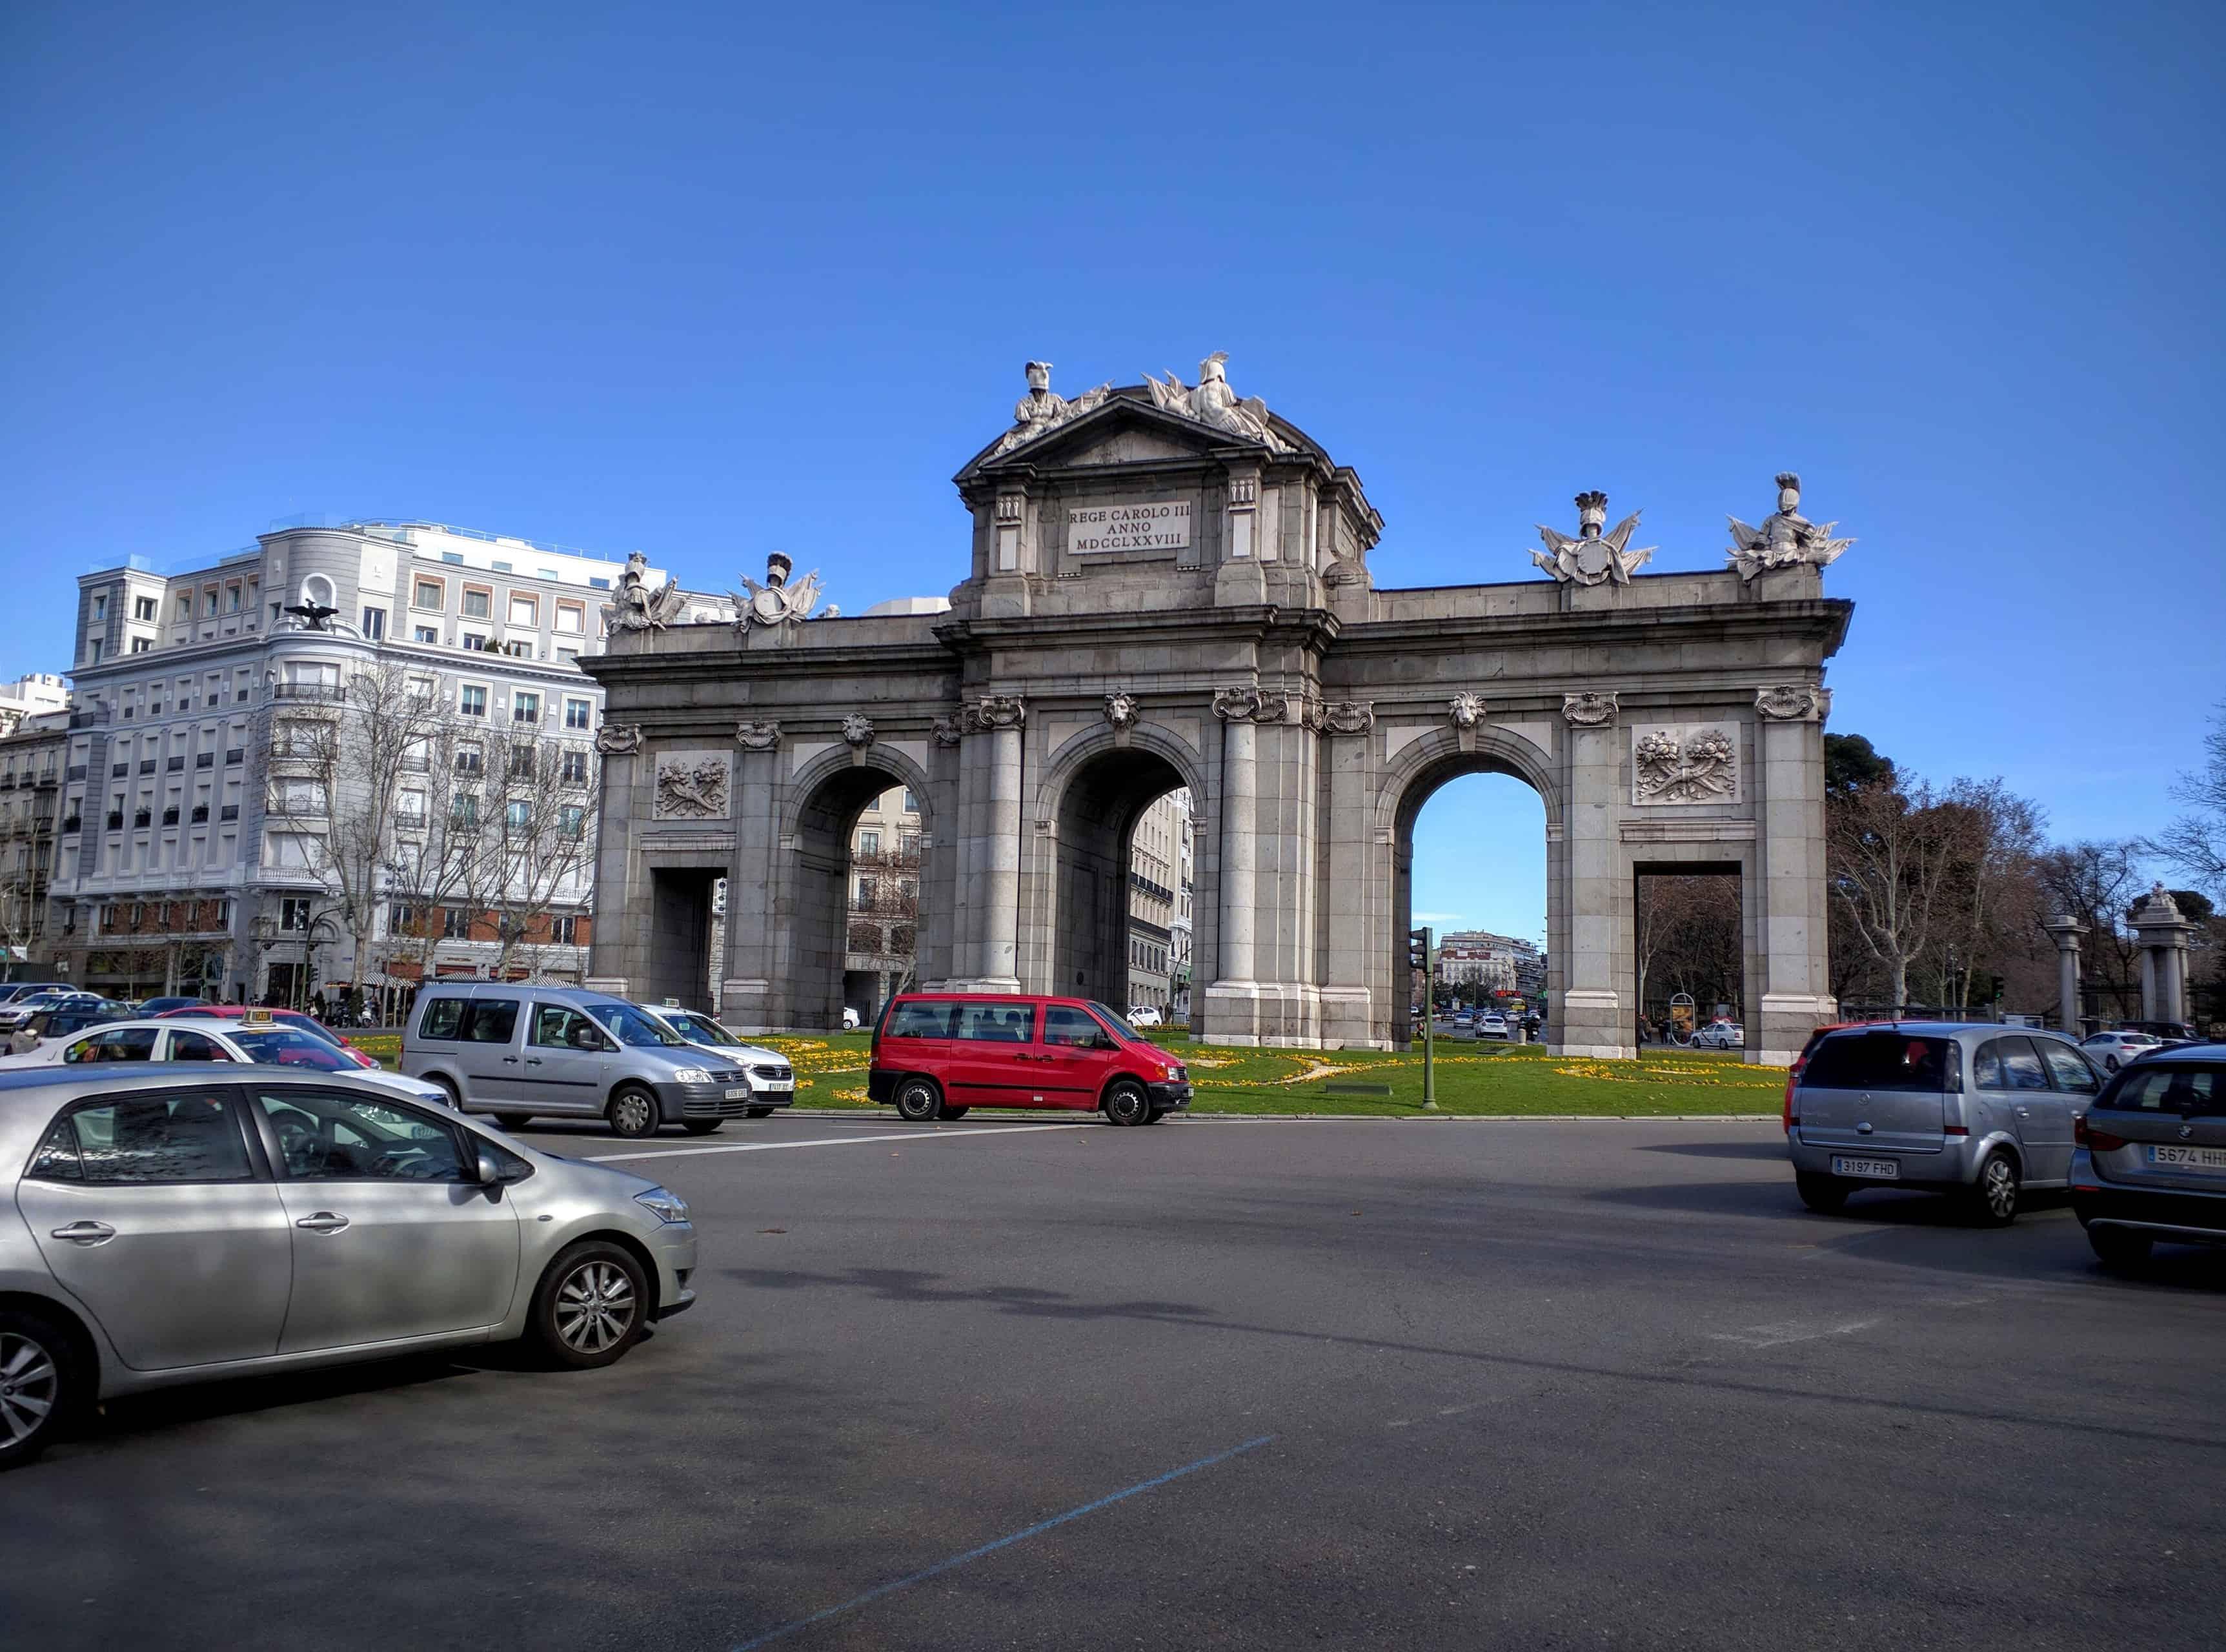 Outra visão da Puerta de Alcalá